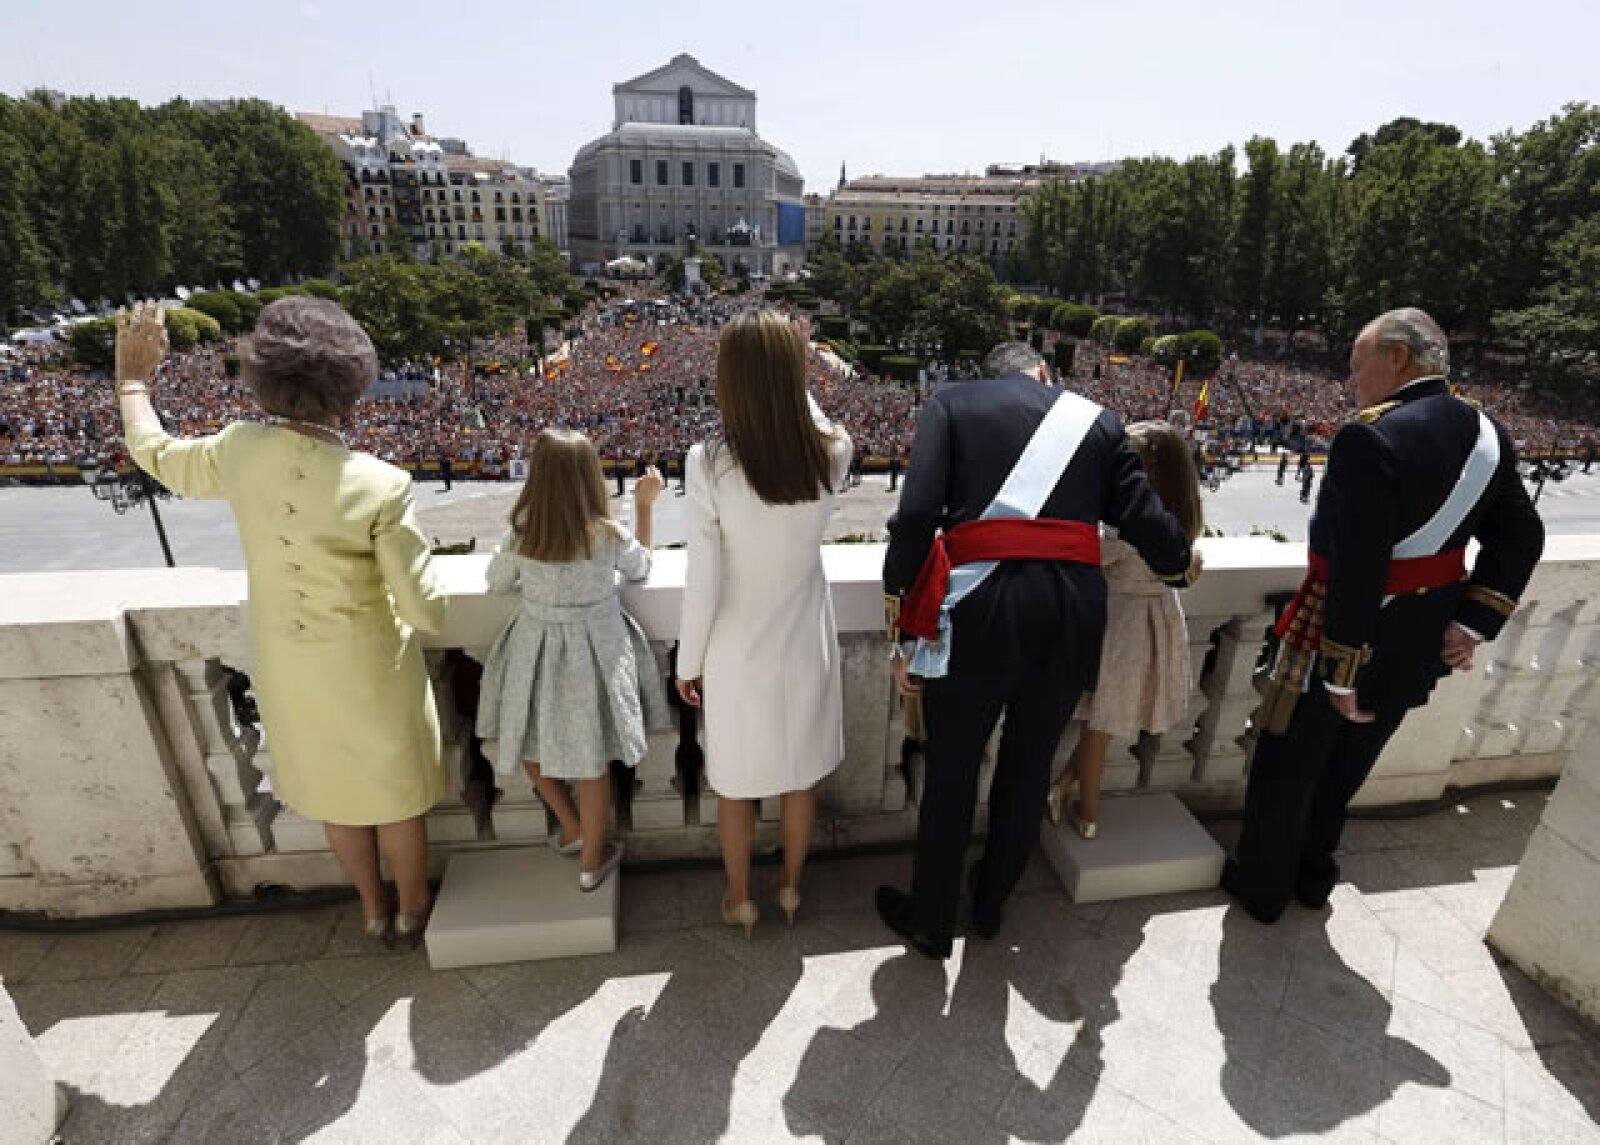 Perspectiva desde el balcón donde la familia real saludó a los miles que los esperaban.